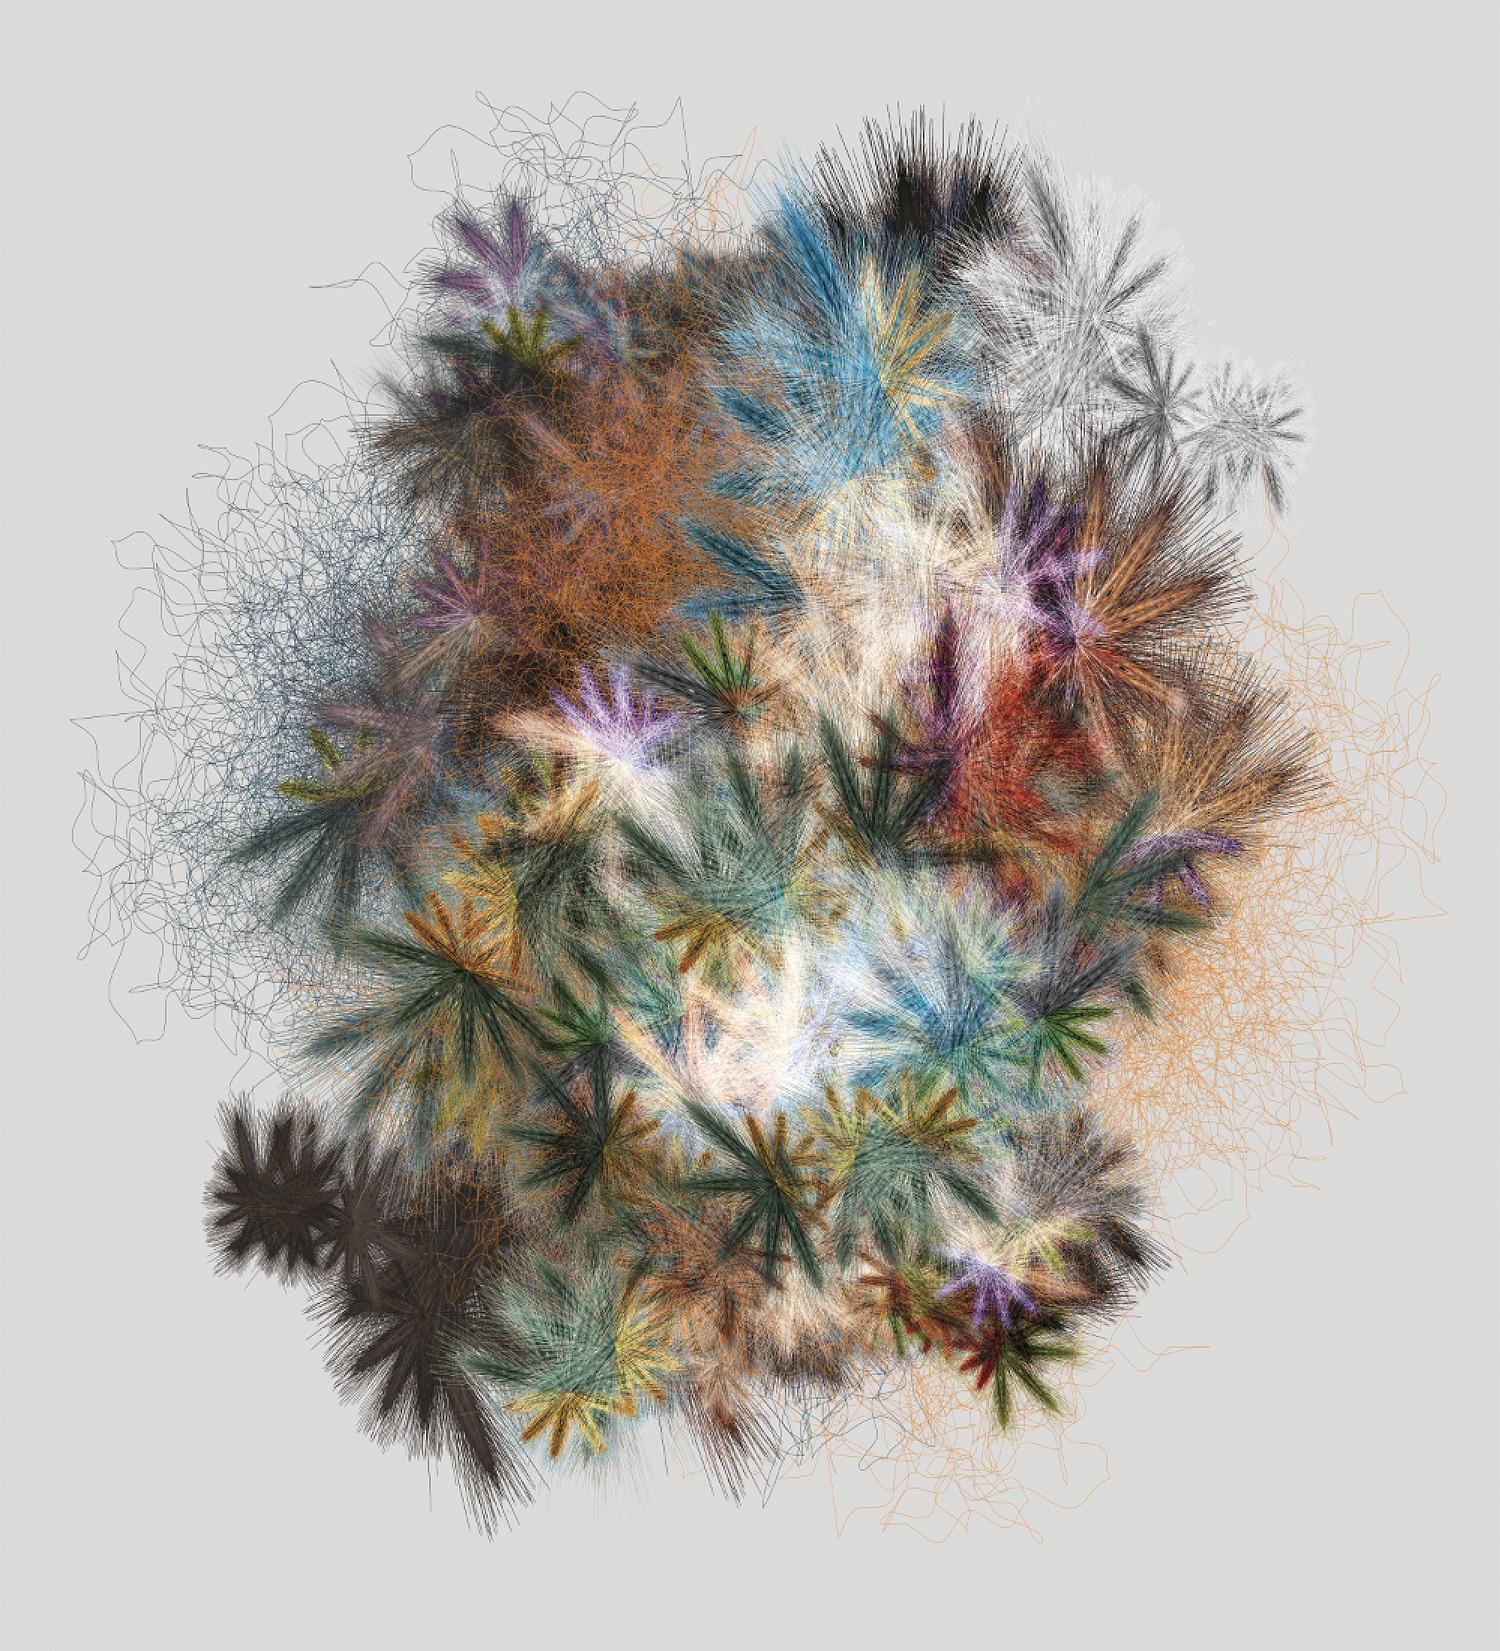 Fertile Crescent - Wild Wheat #2 by Jeff Gwegan